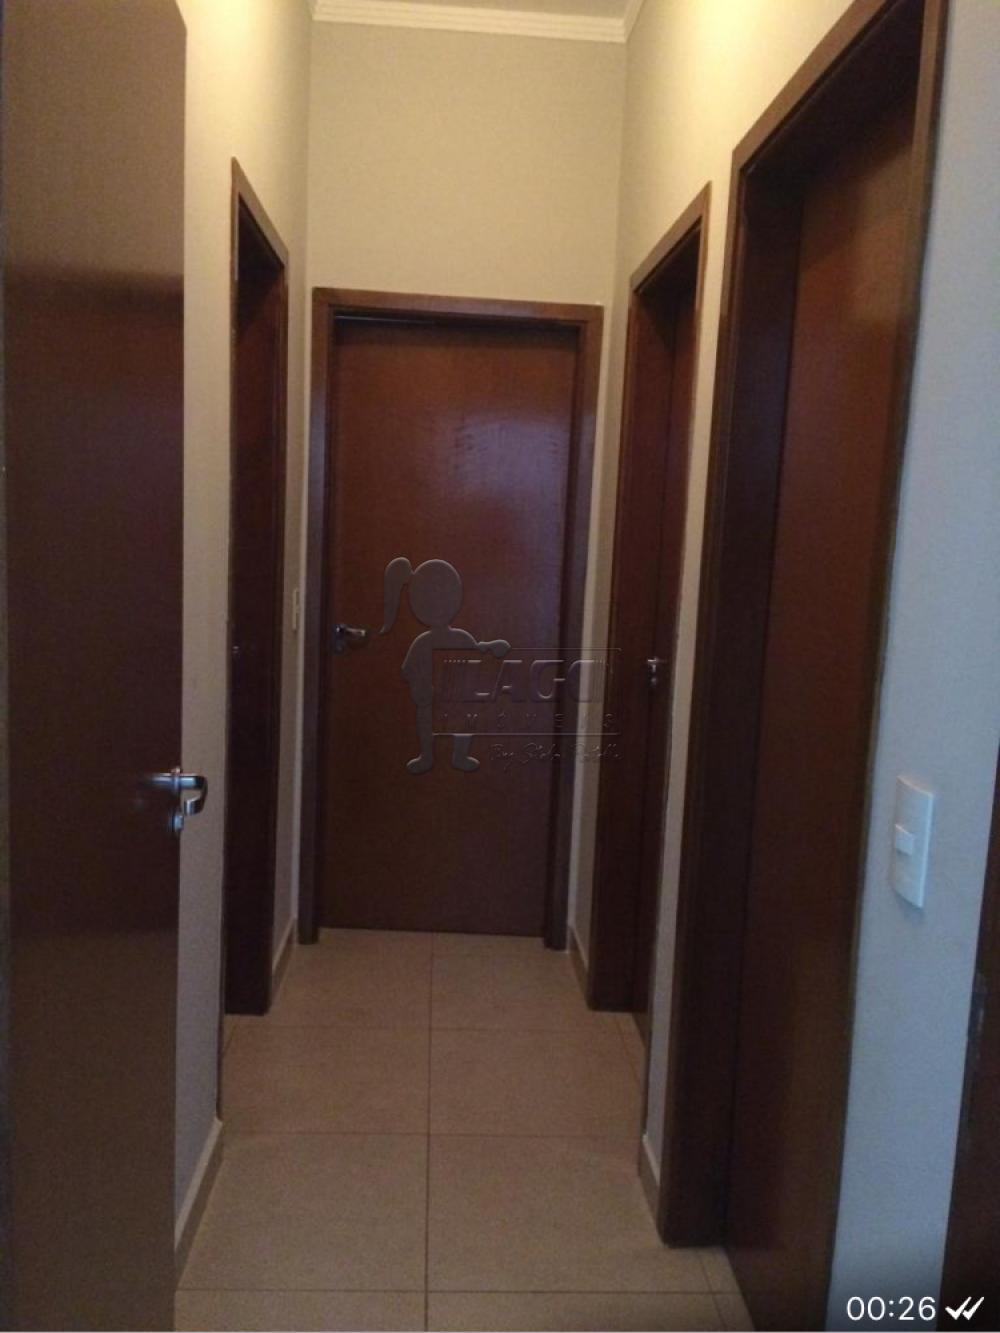 Comprar Casas / Condomínio em Brodowski apenas R$ 265.000,00 - Foto 7